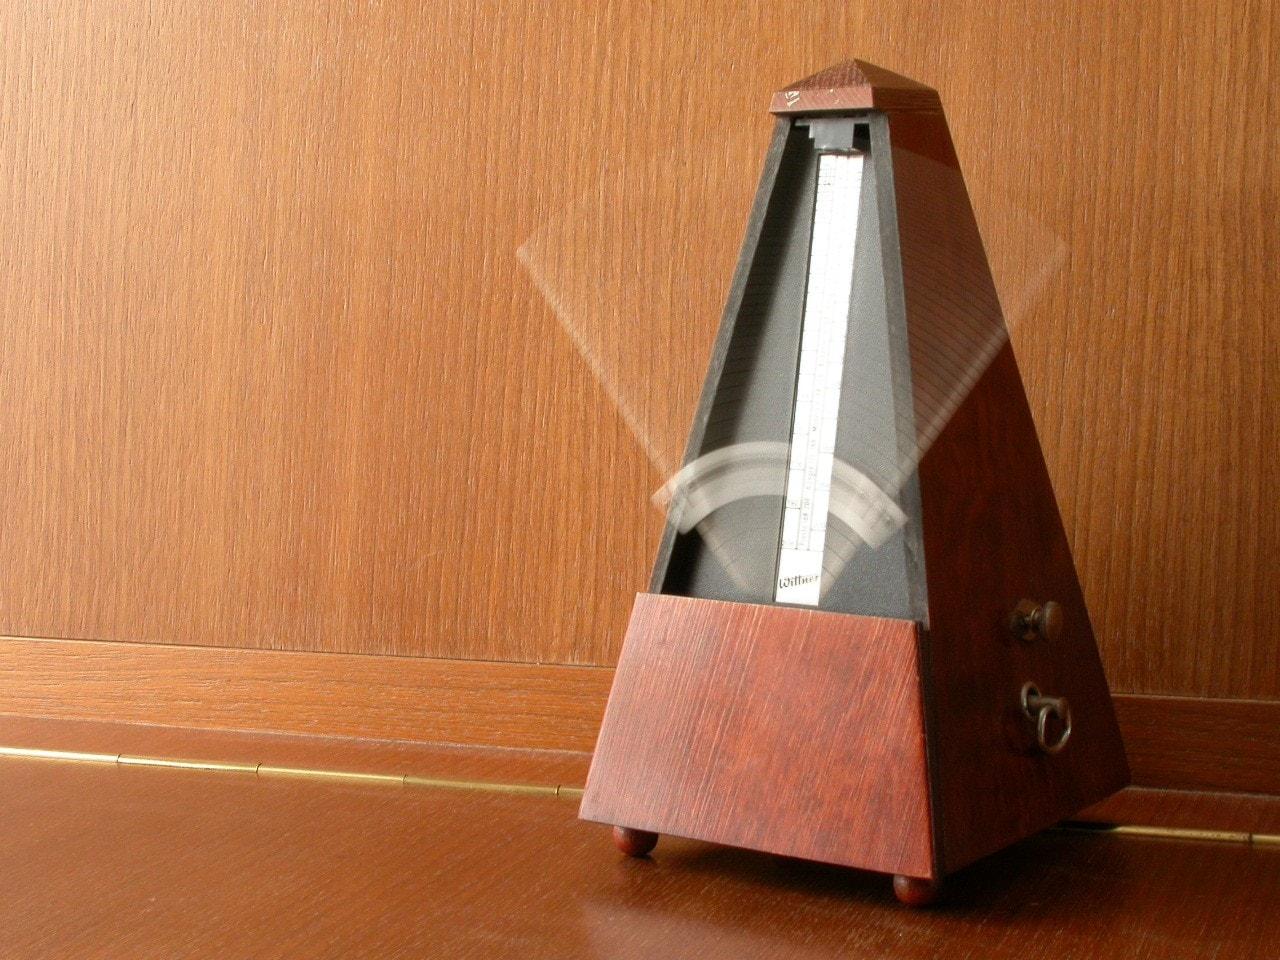 un metronomo